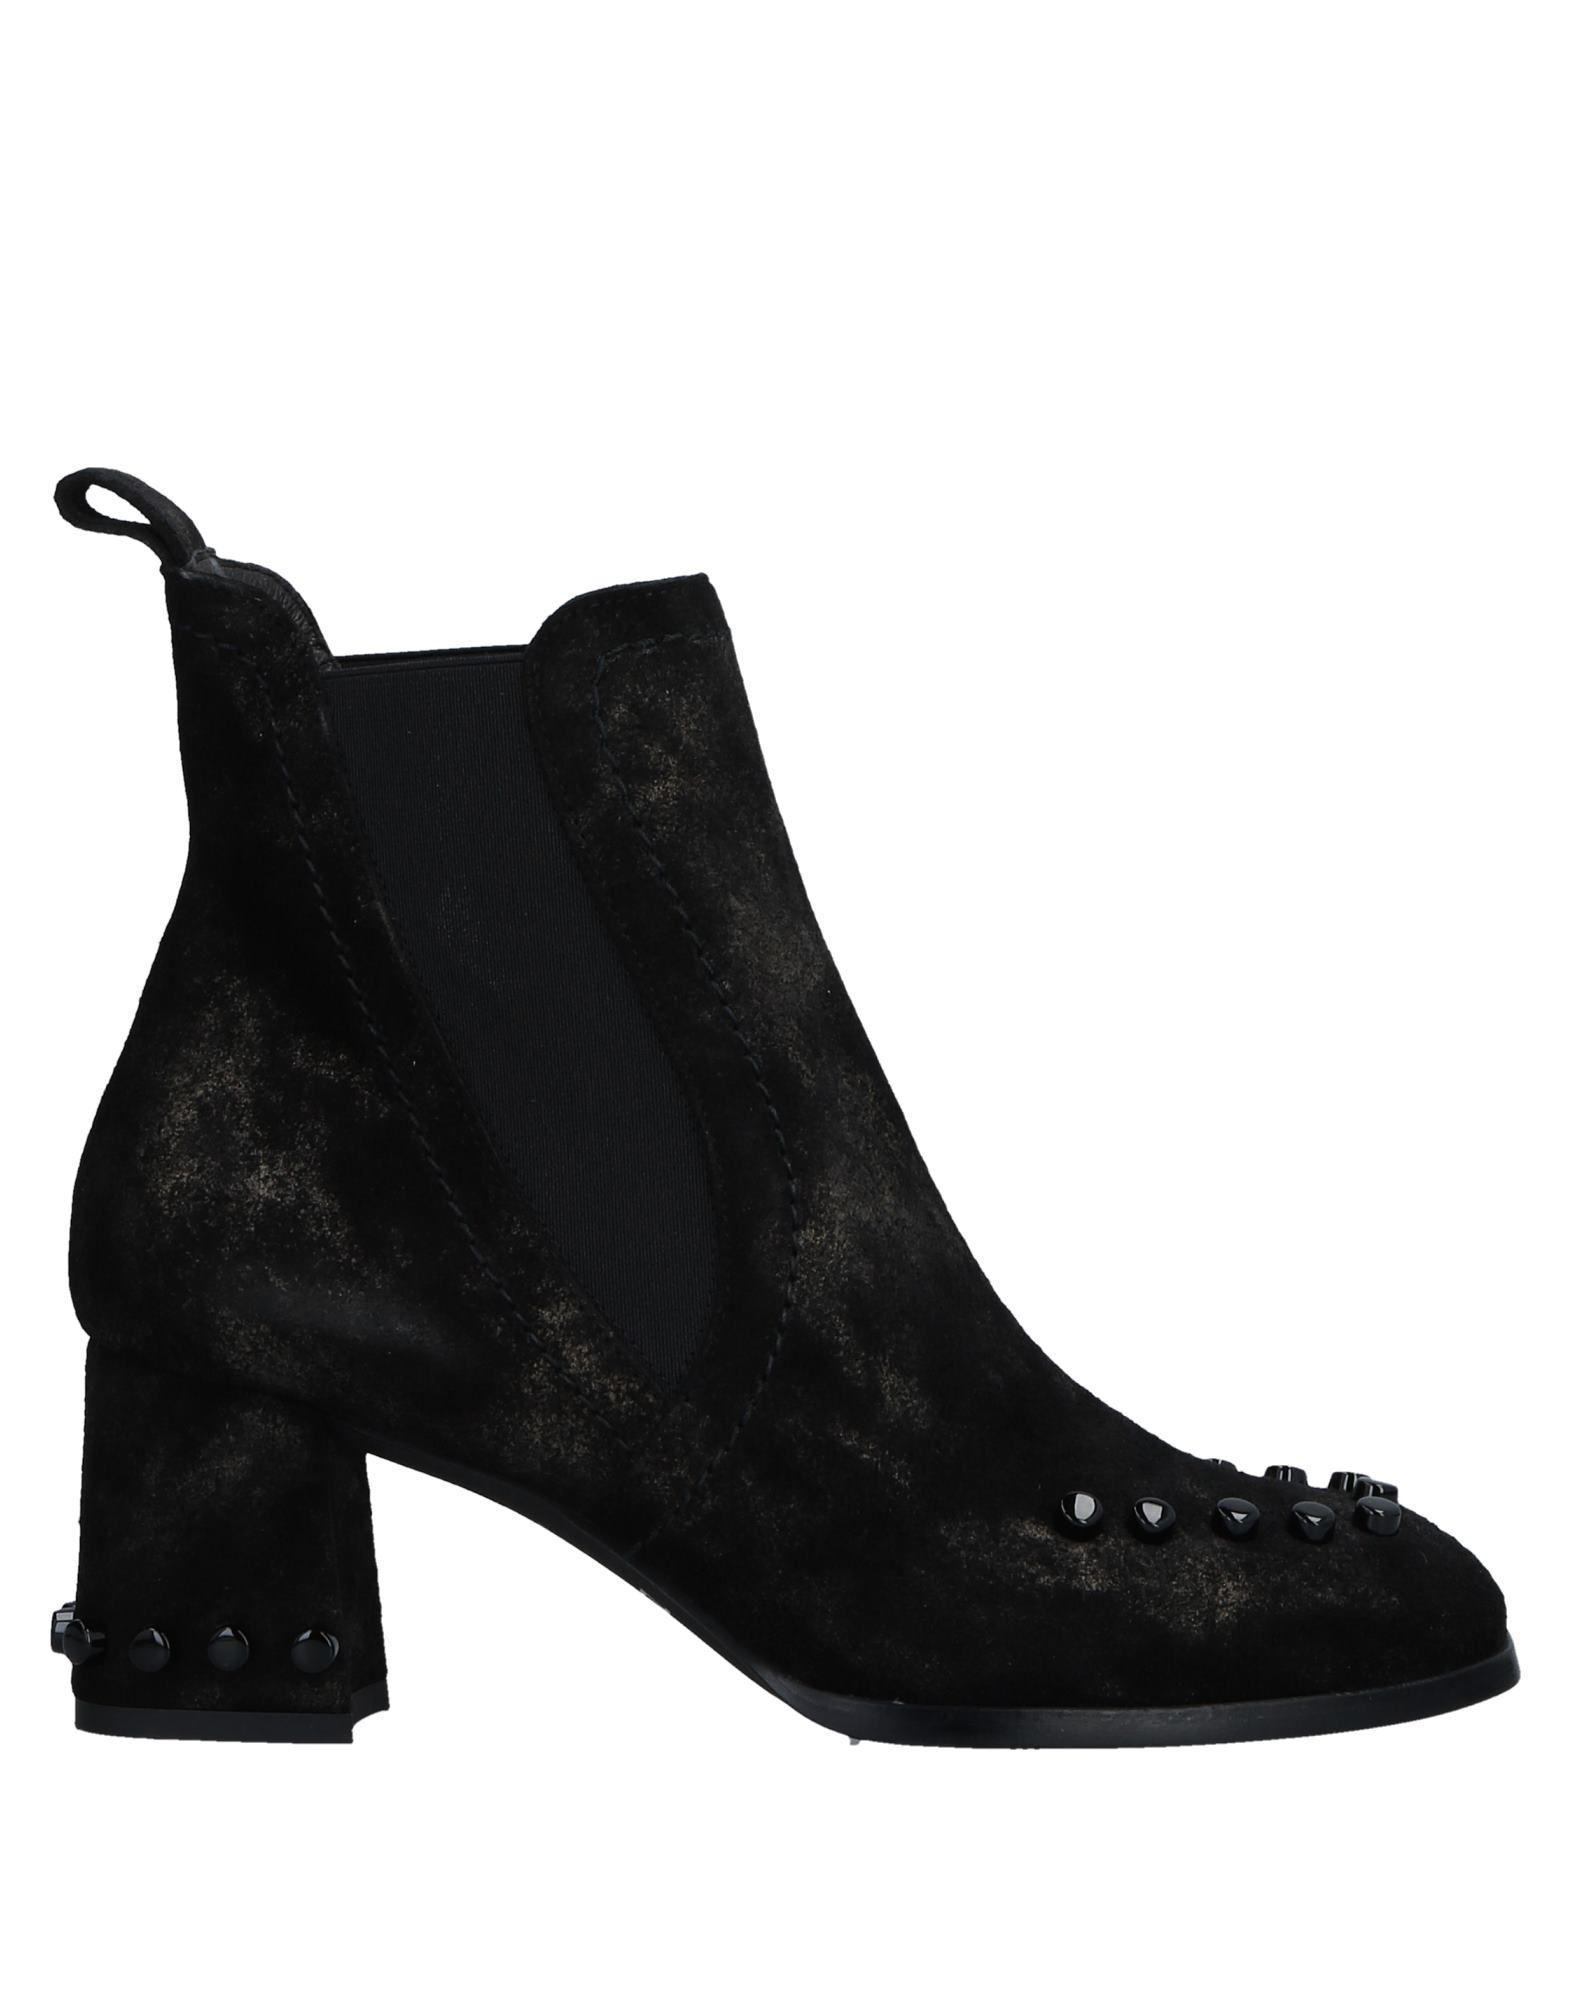 ZINDA Полусапоги и высокие ботинки zinda полусапоги и высокие ботинки